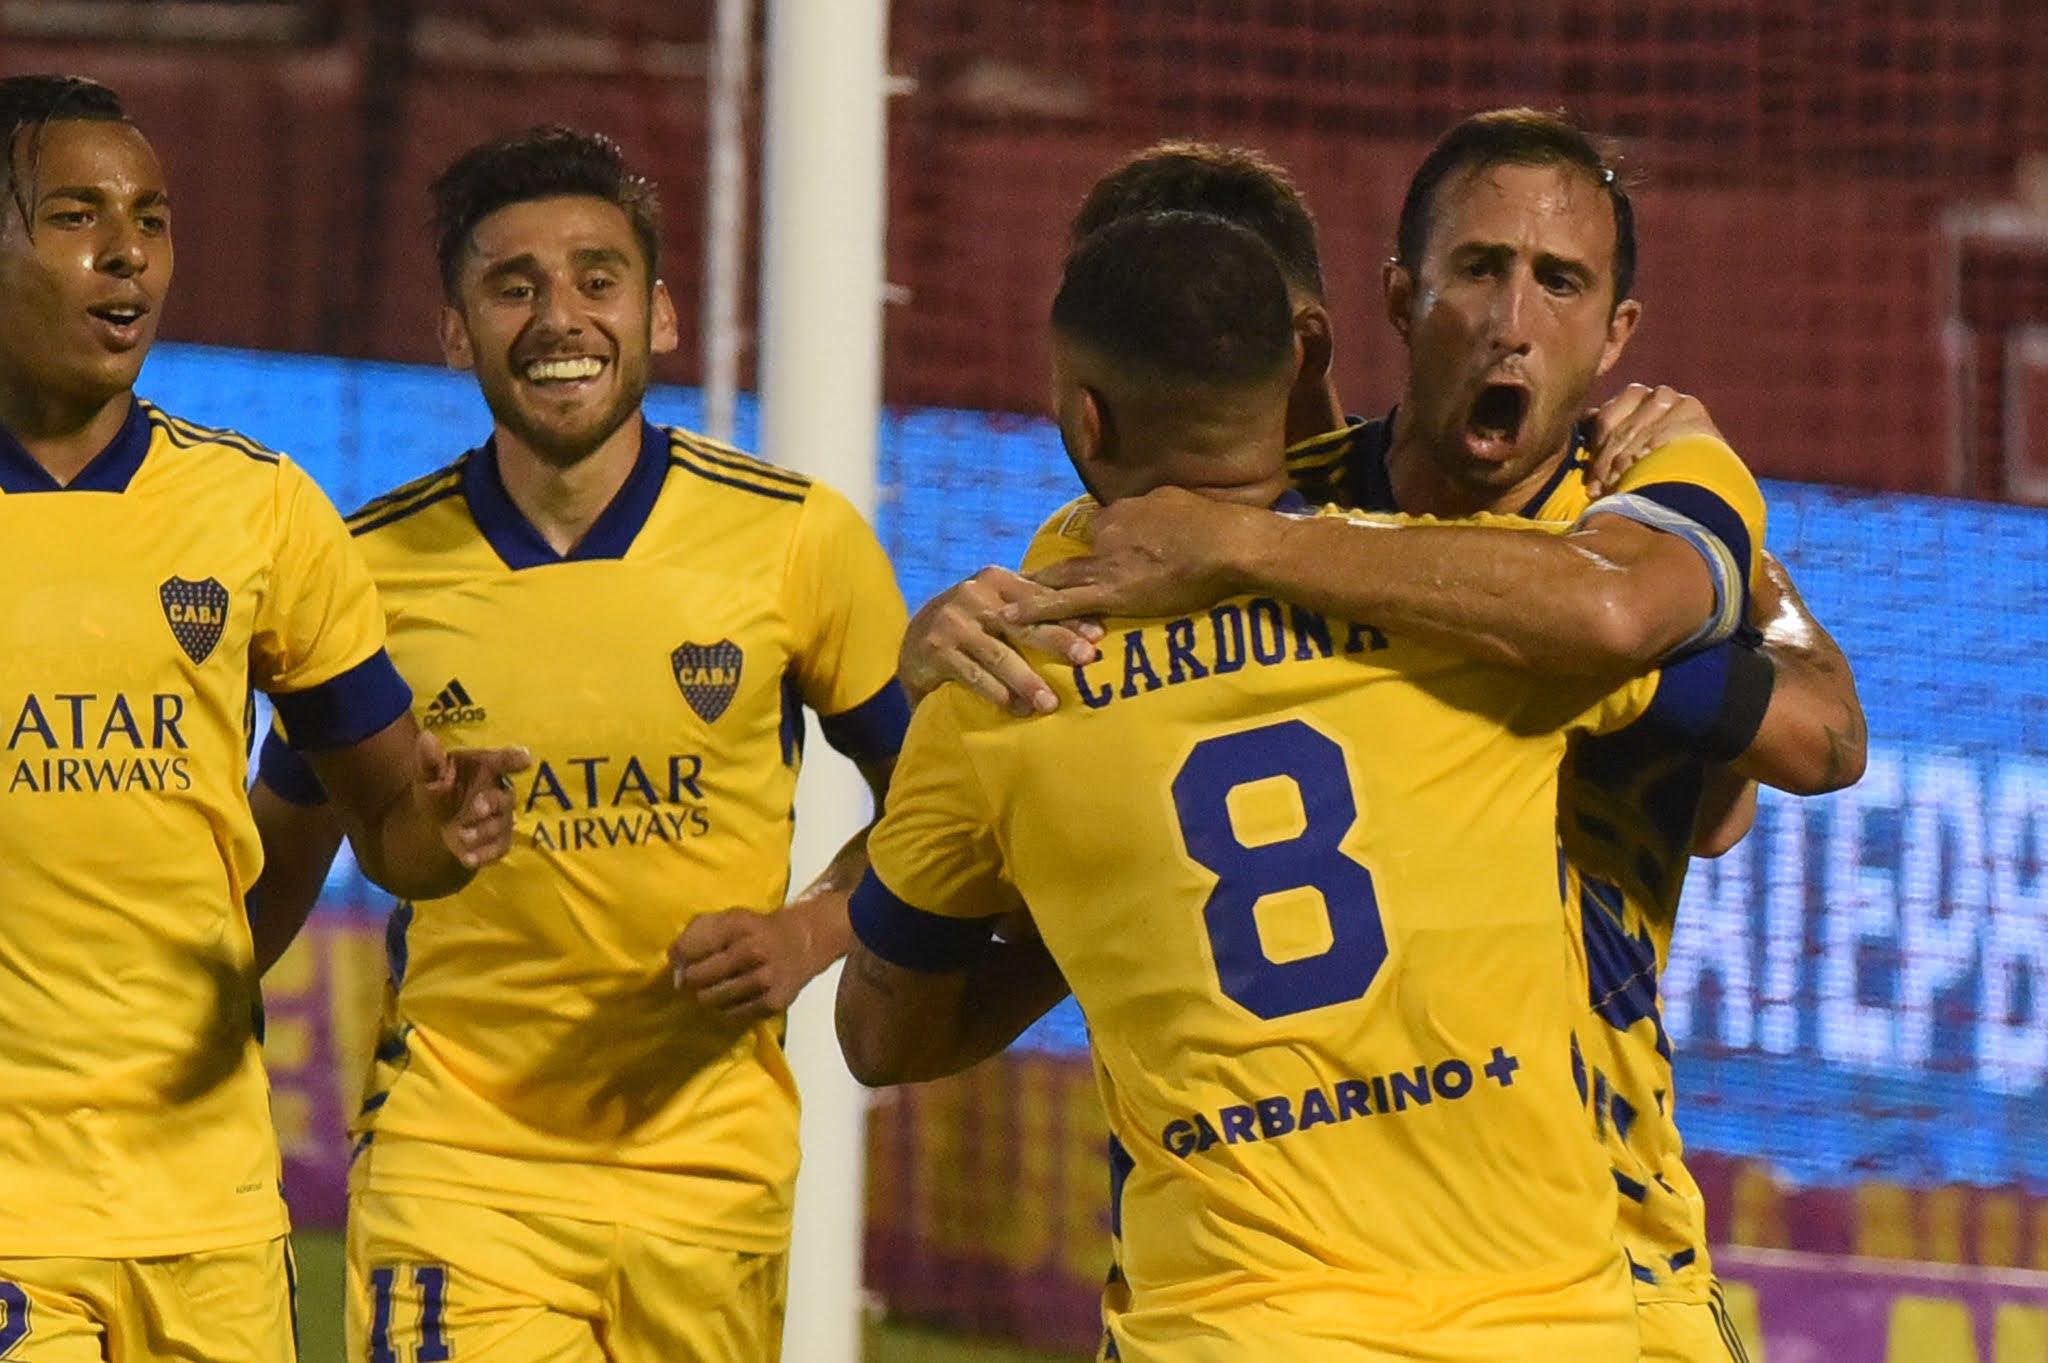 FOTOS: Las mejores imágenes del triunfo de Boca ante Newell's en Rosario